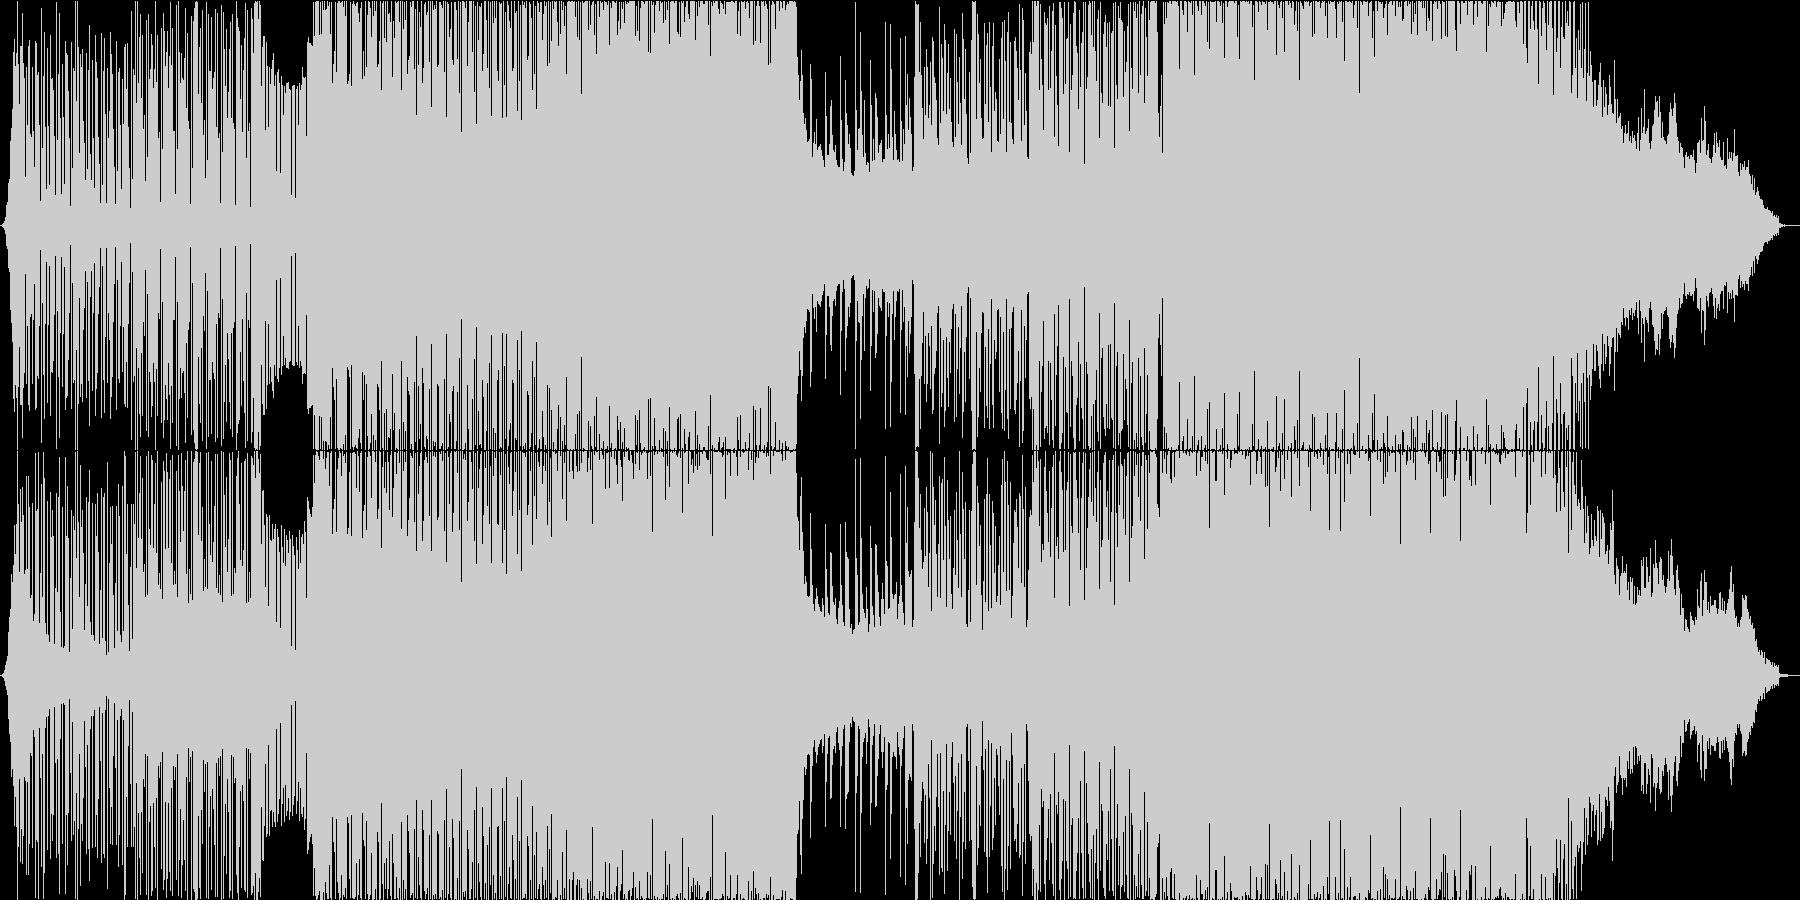 疾走感のあるキラキラしたEDM/ハウスの未再生の波形